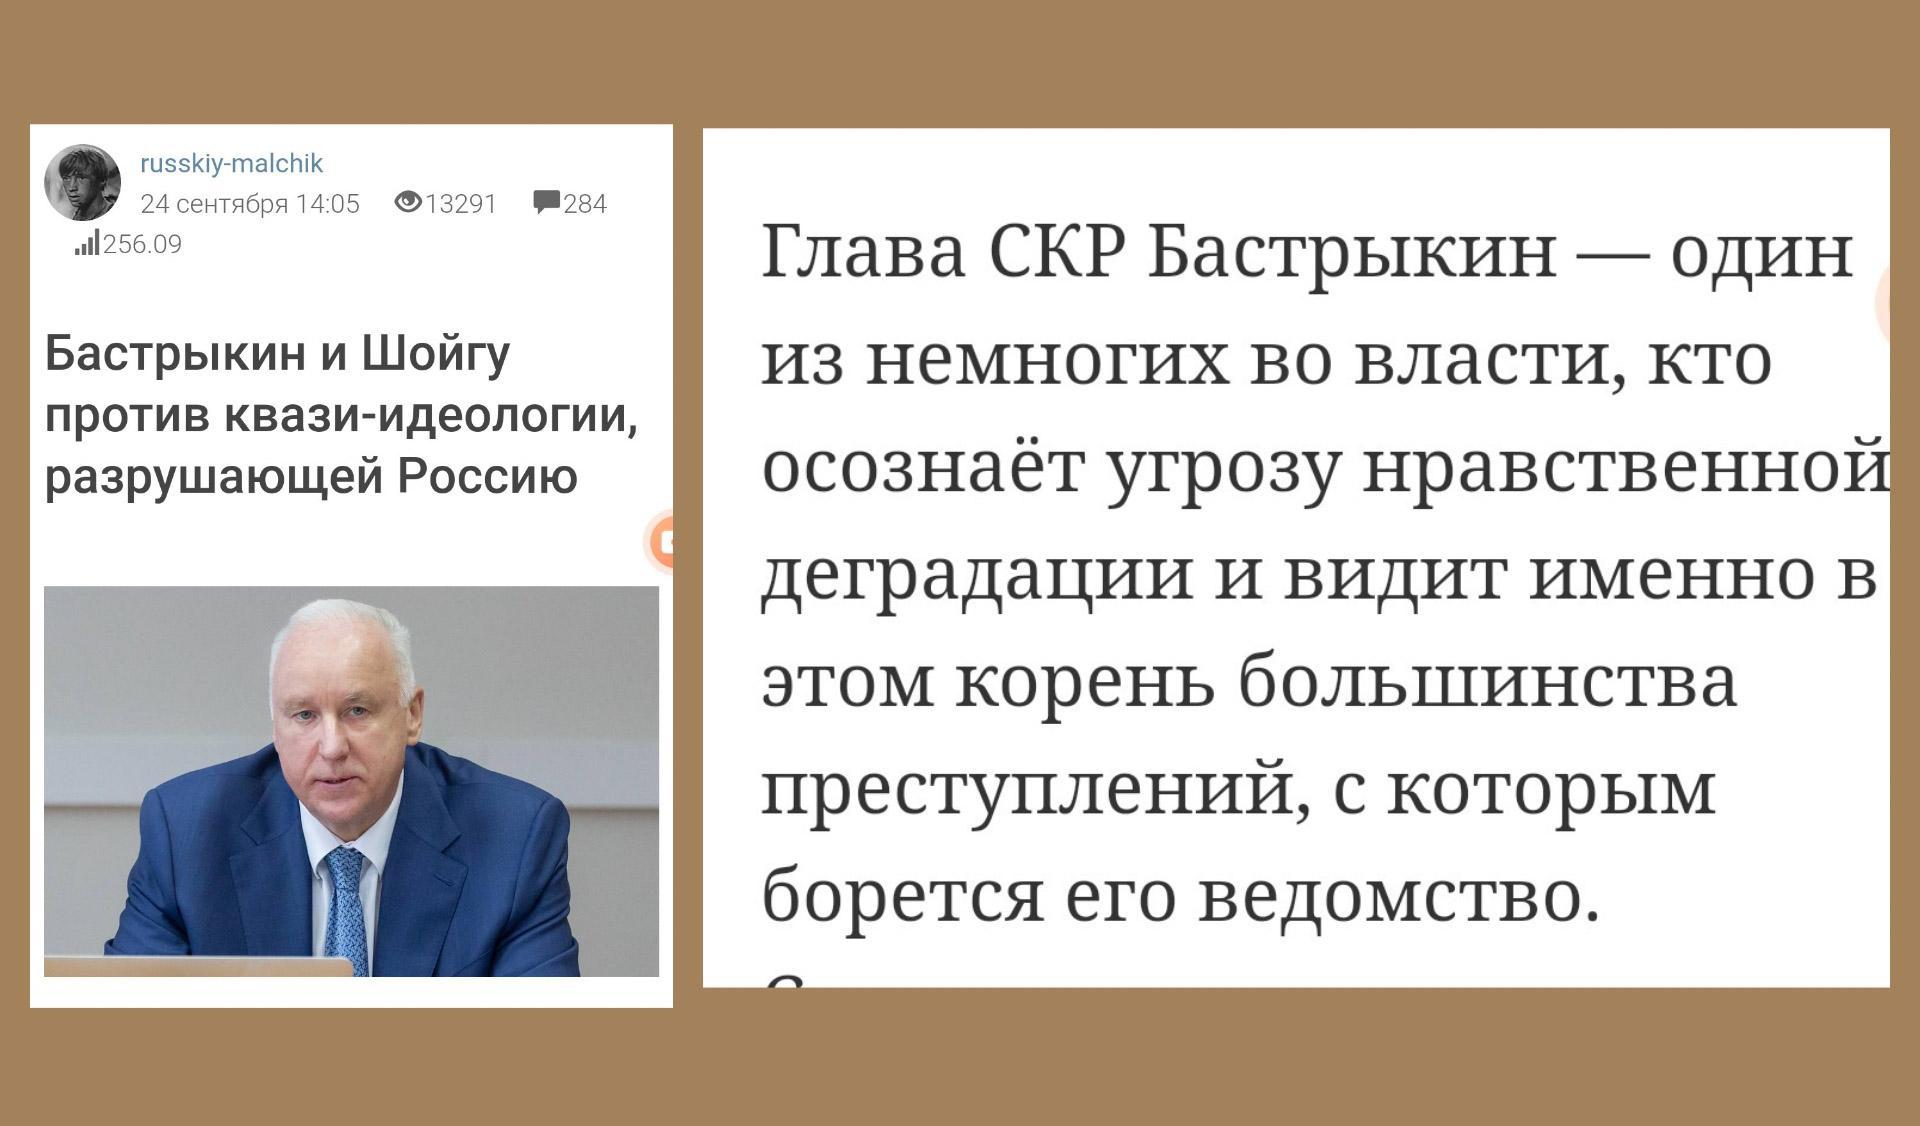 Русский Мальчик: «Бастрыкин и Шойгу против квази-идеологии, разрушающей Россию.» (24.09.21)